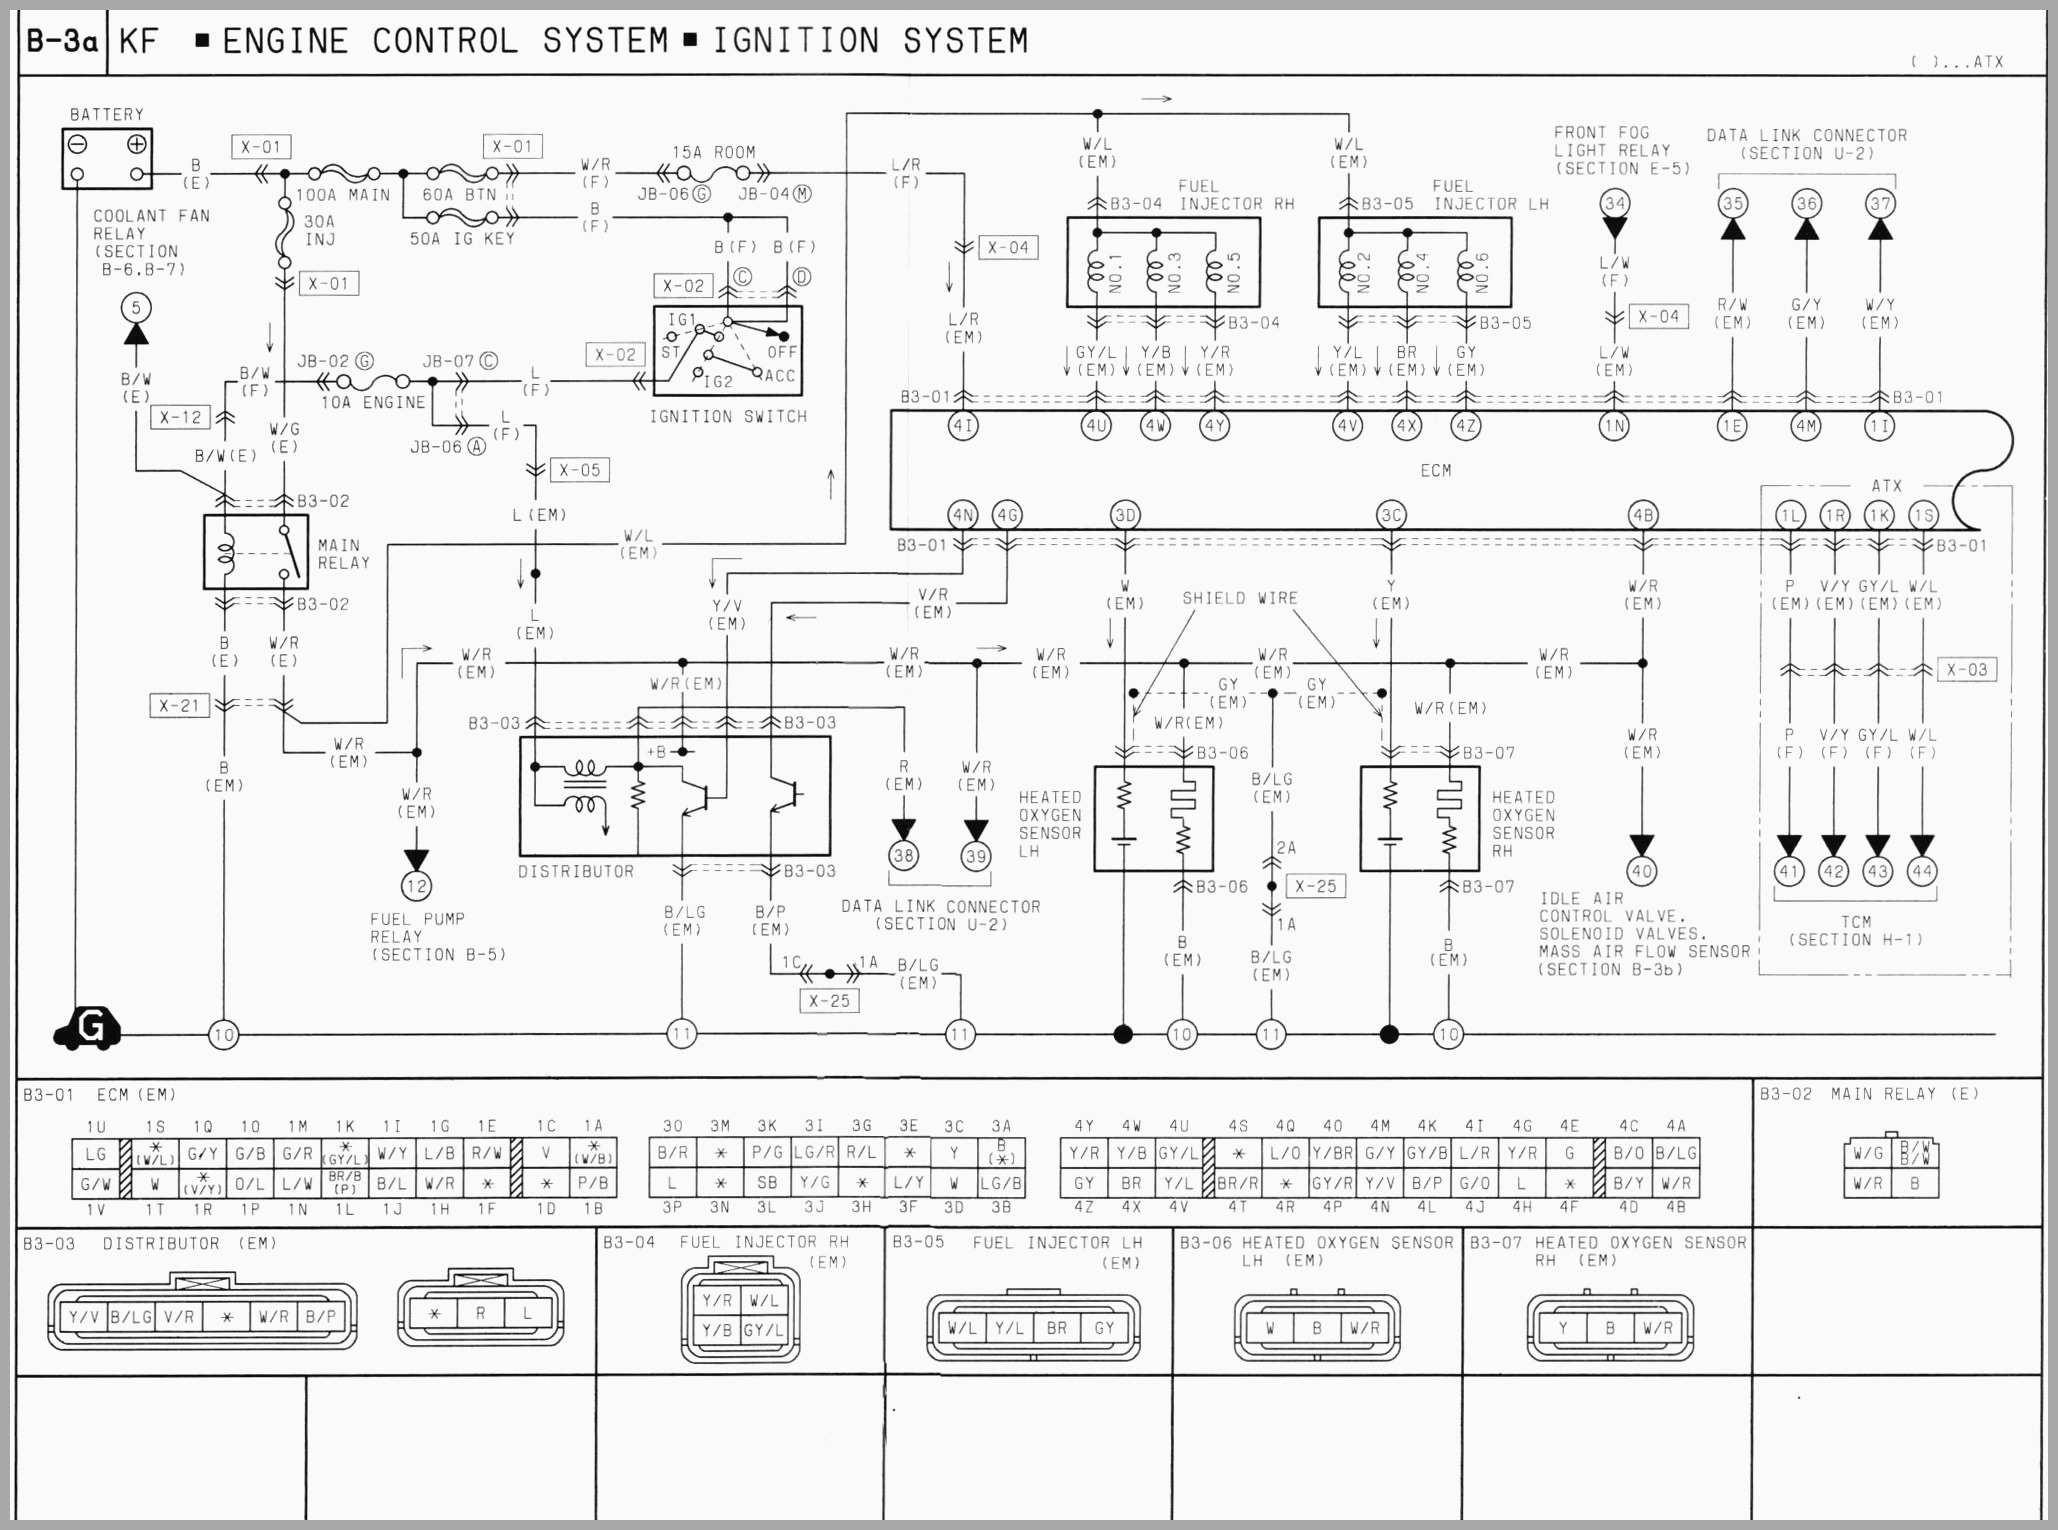 Mazda Mx6 Engine Diagram Mazda 323f Wiring Diagram Worksheet and Wiring Diagram • Of Mazda Mx6 Engine Diagram